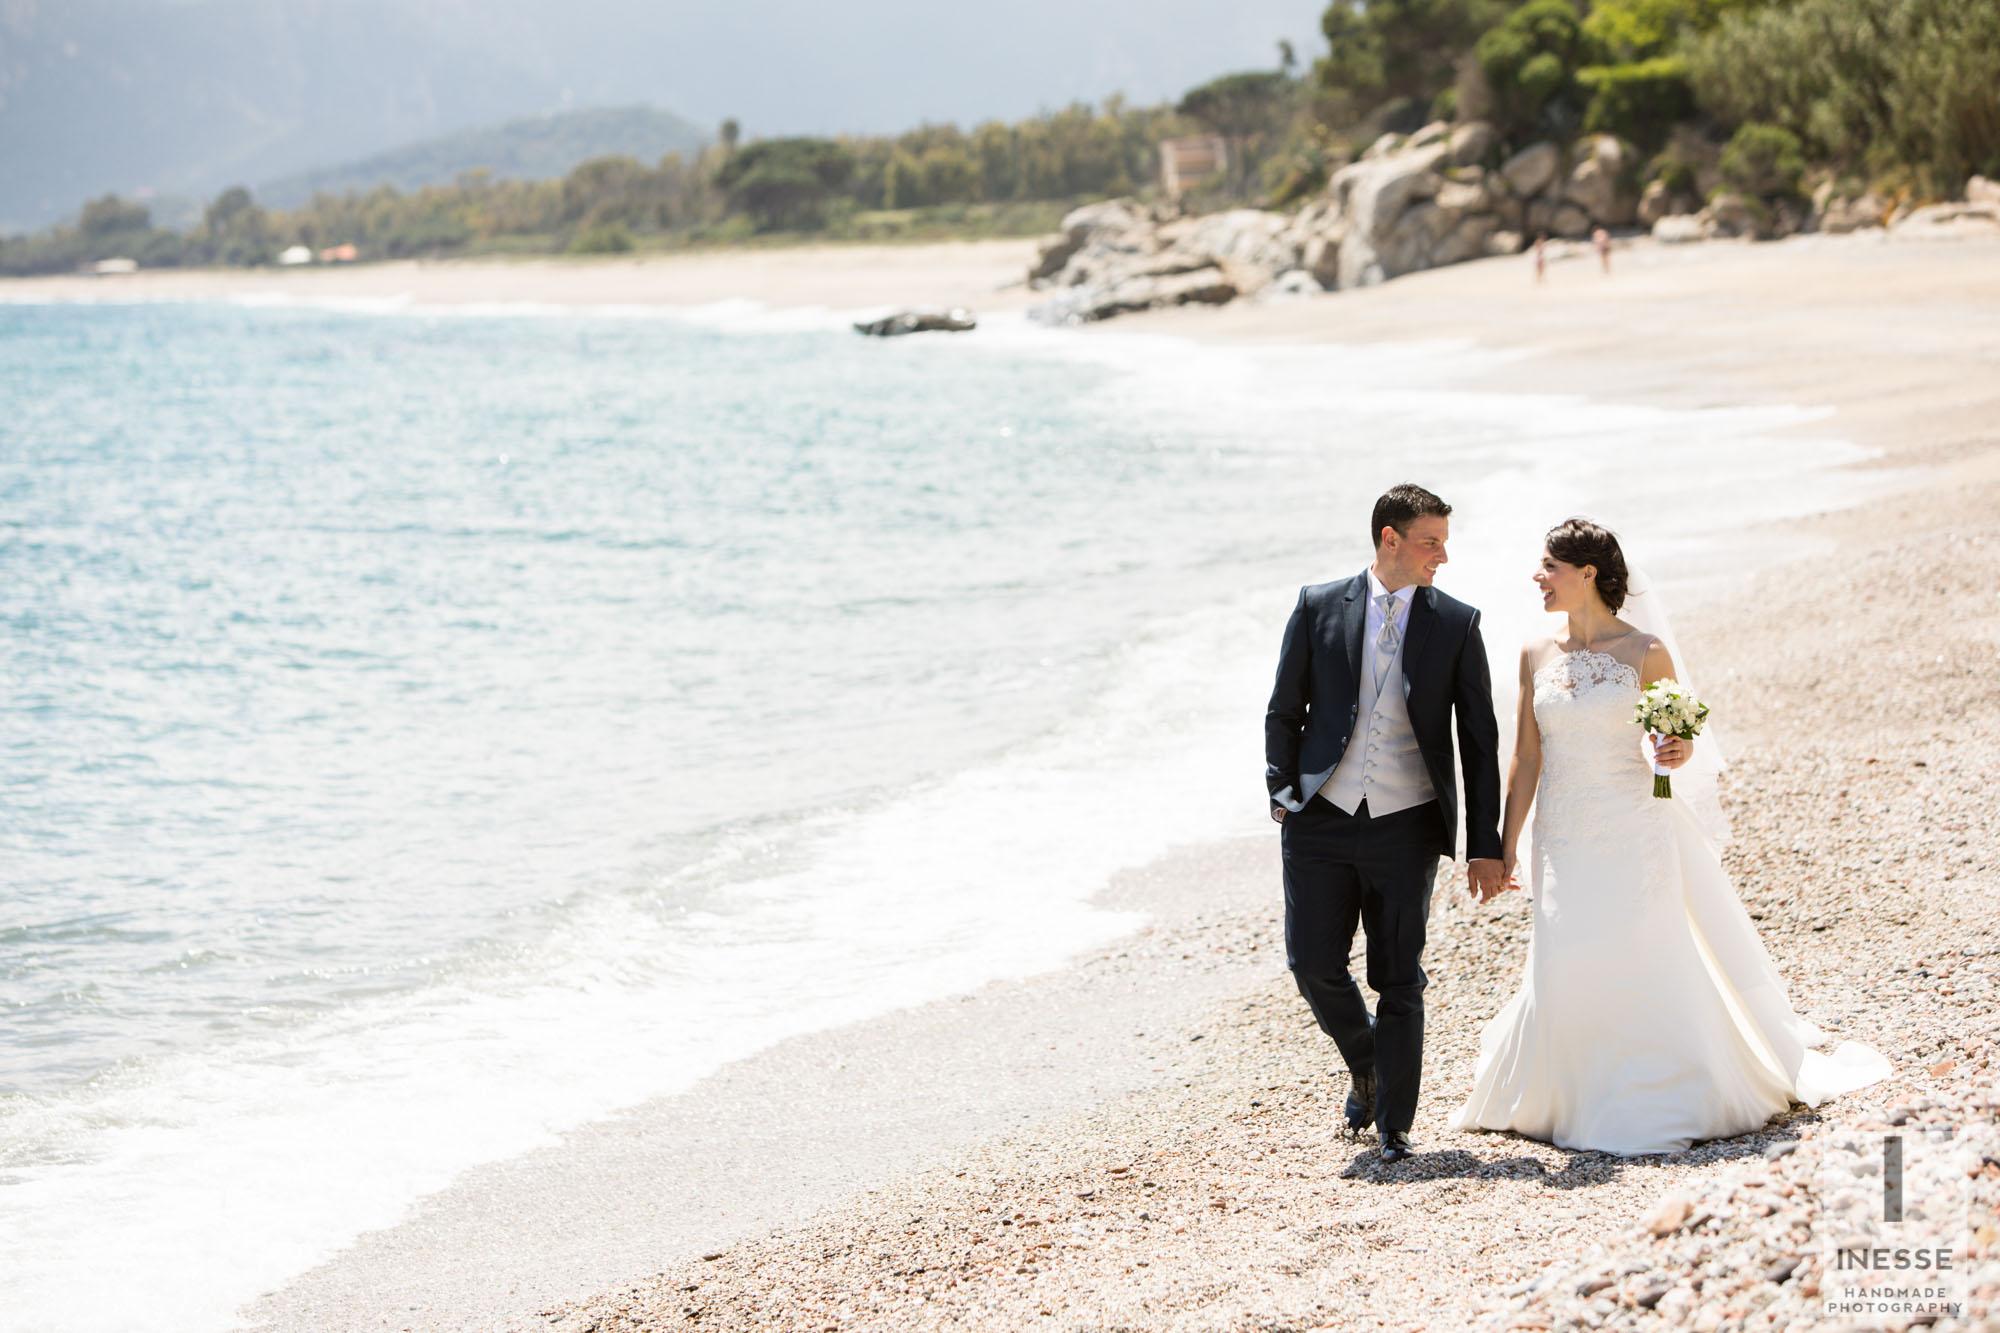 Matrimonio Tema Sardegna : Fotografo matrimonio reportage sardegna 20180505 0739 1e4a1039